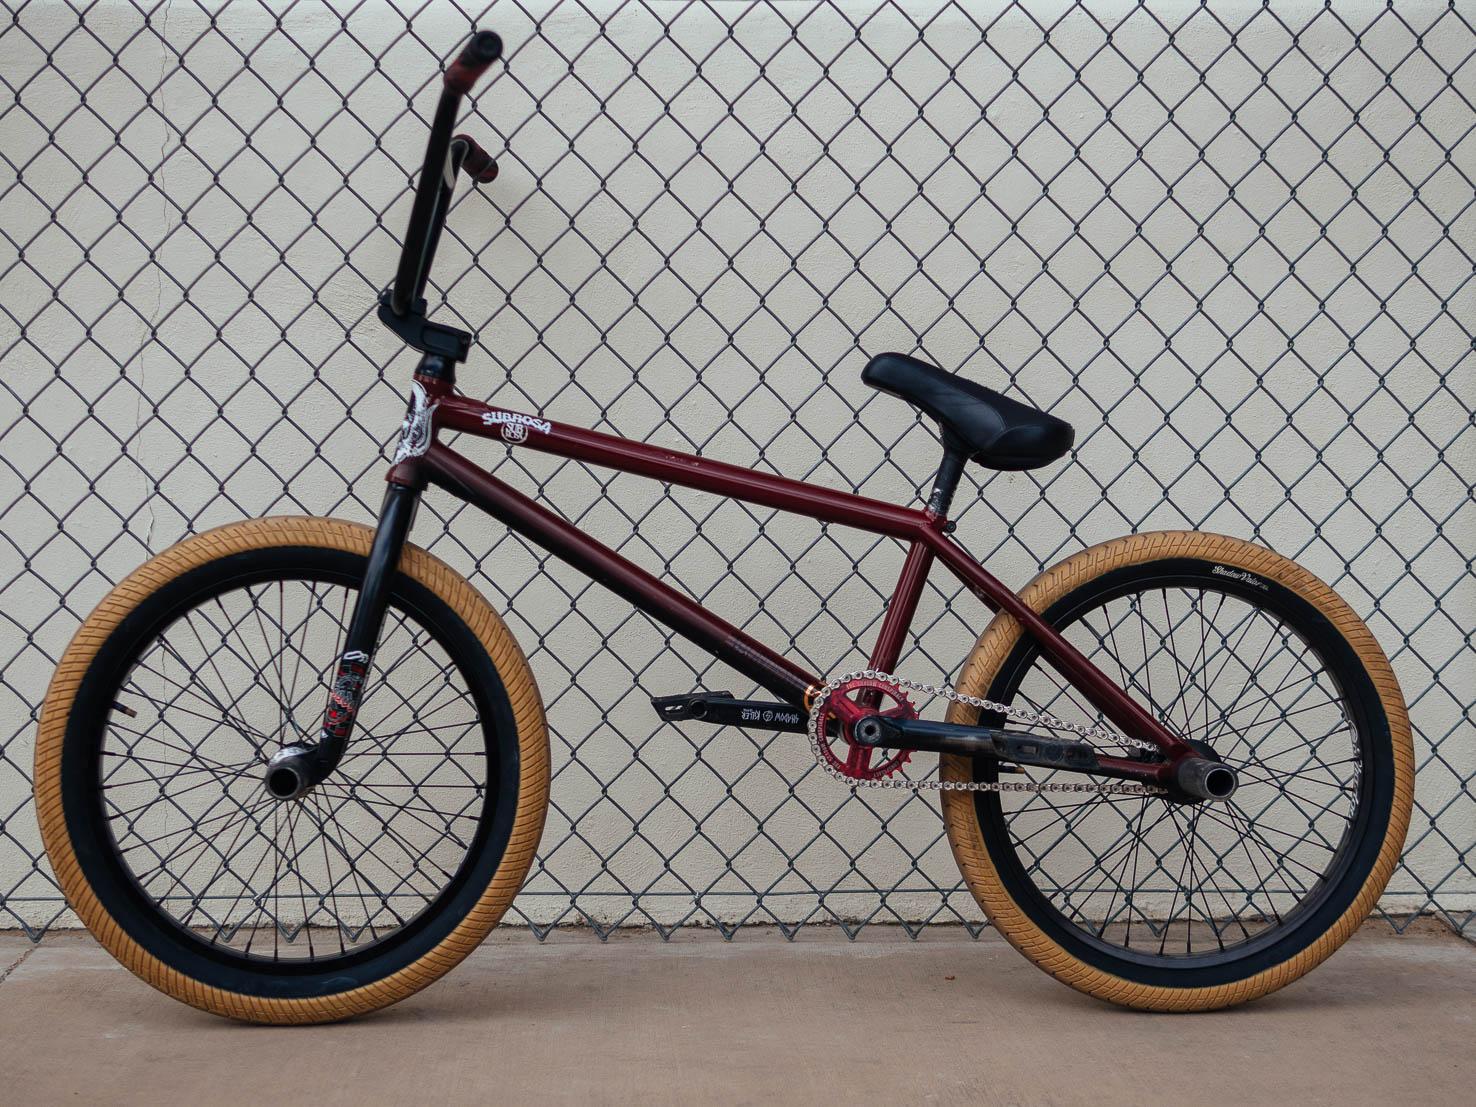 Scott Ditchburn - Bike Check